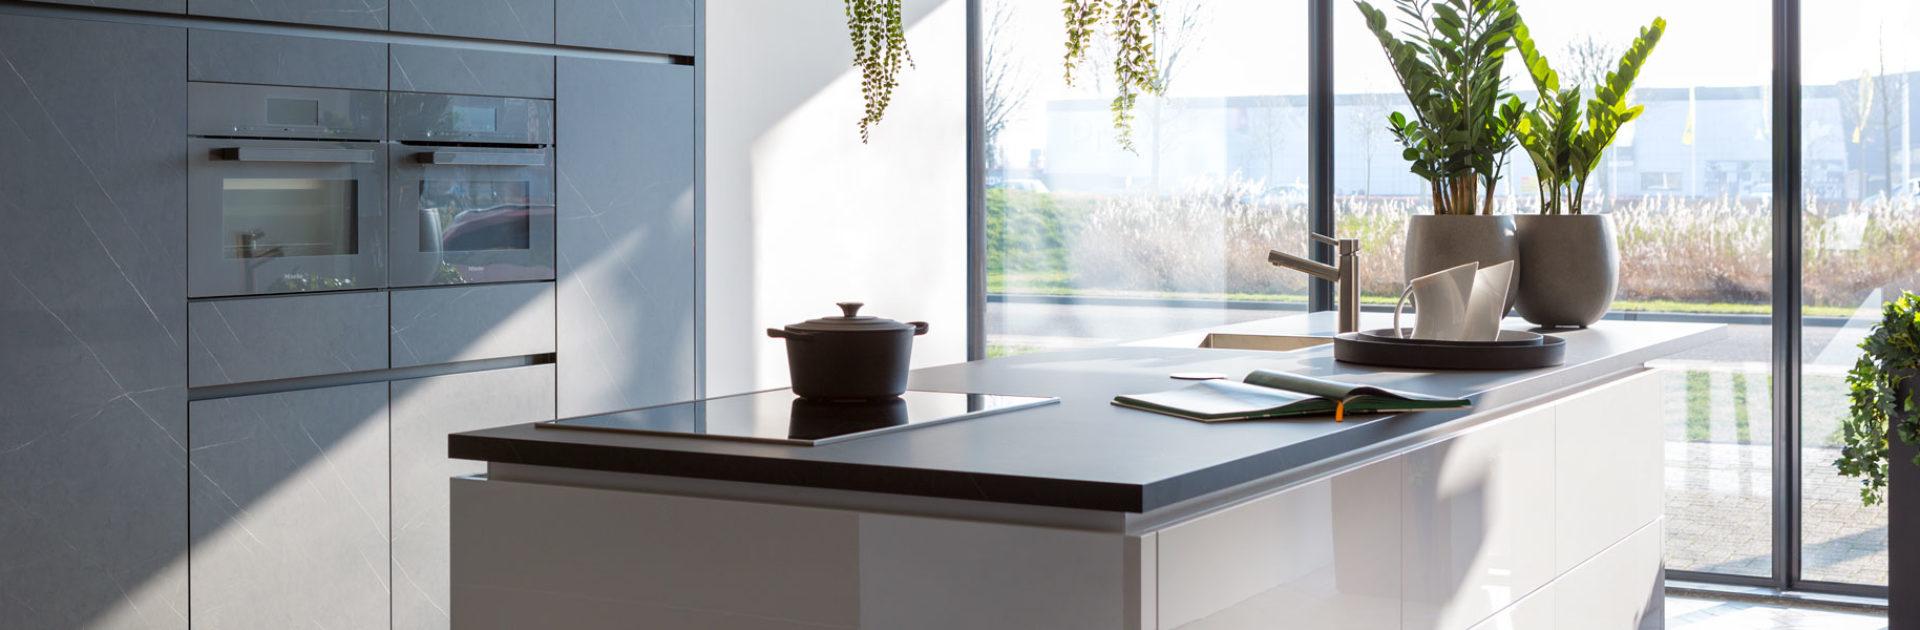 Bekijk hier keukens met slimme opbergruimte!